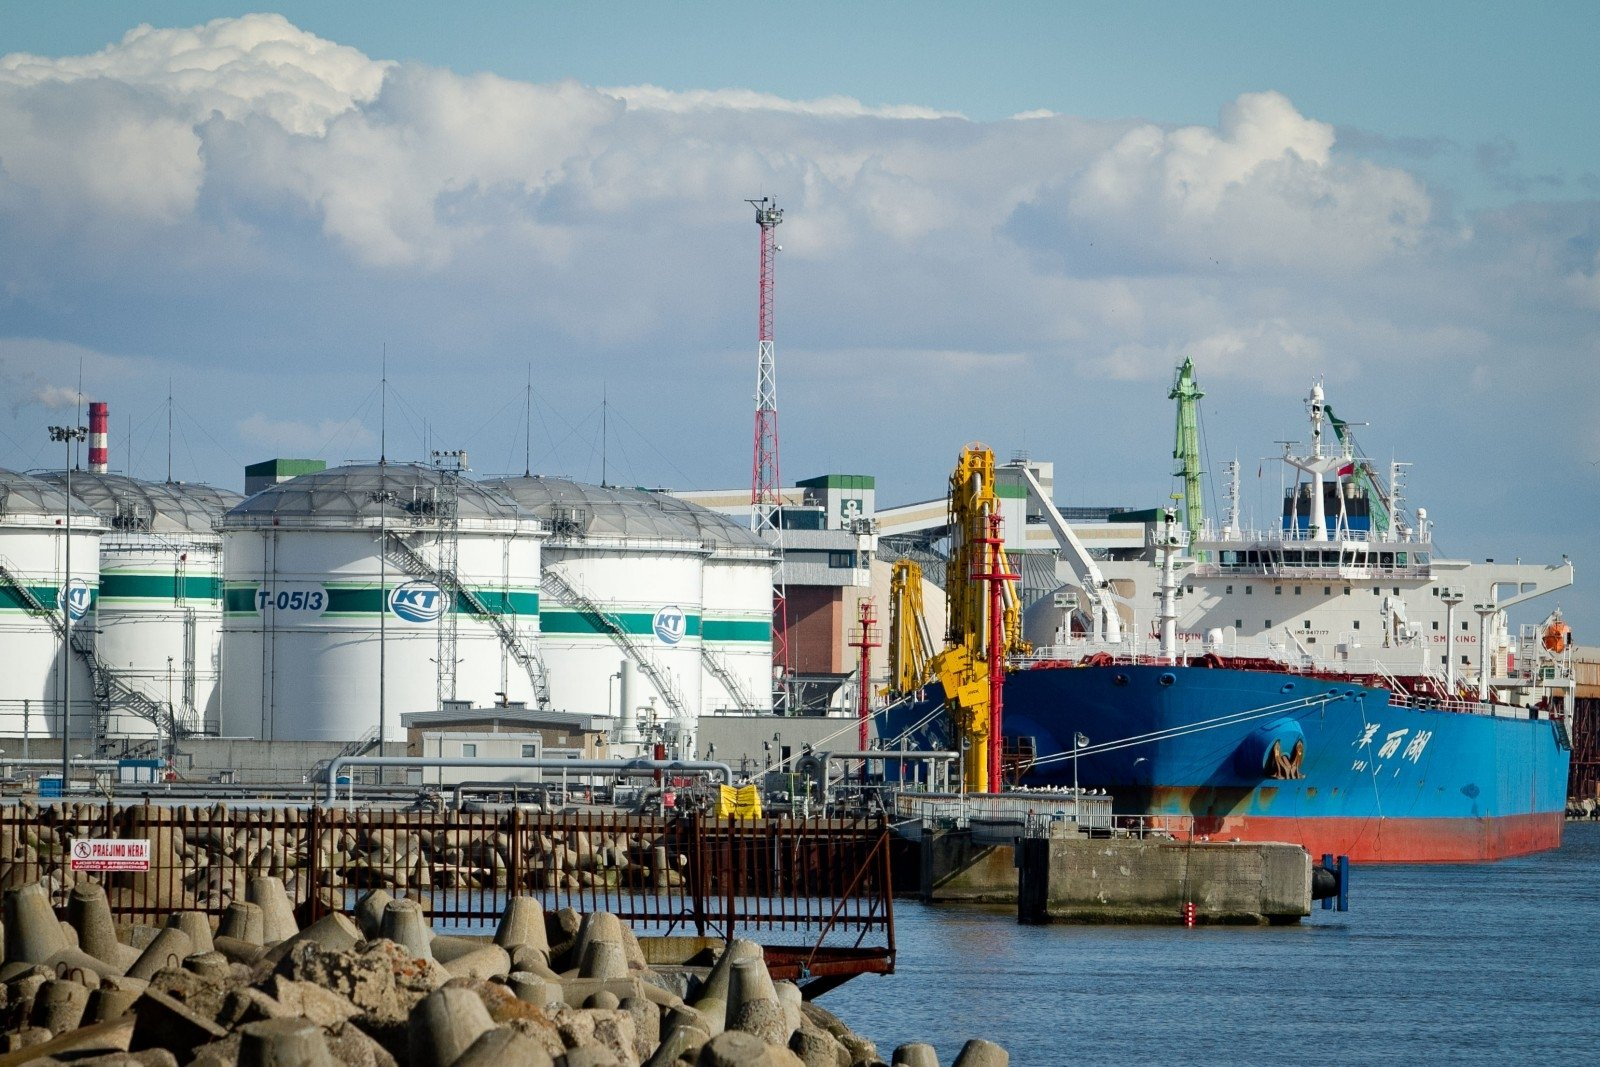 Прибыль литовской компании Klaipedos nafta сократилась на 25%